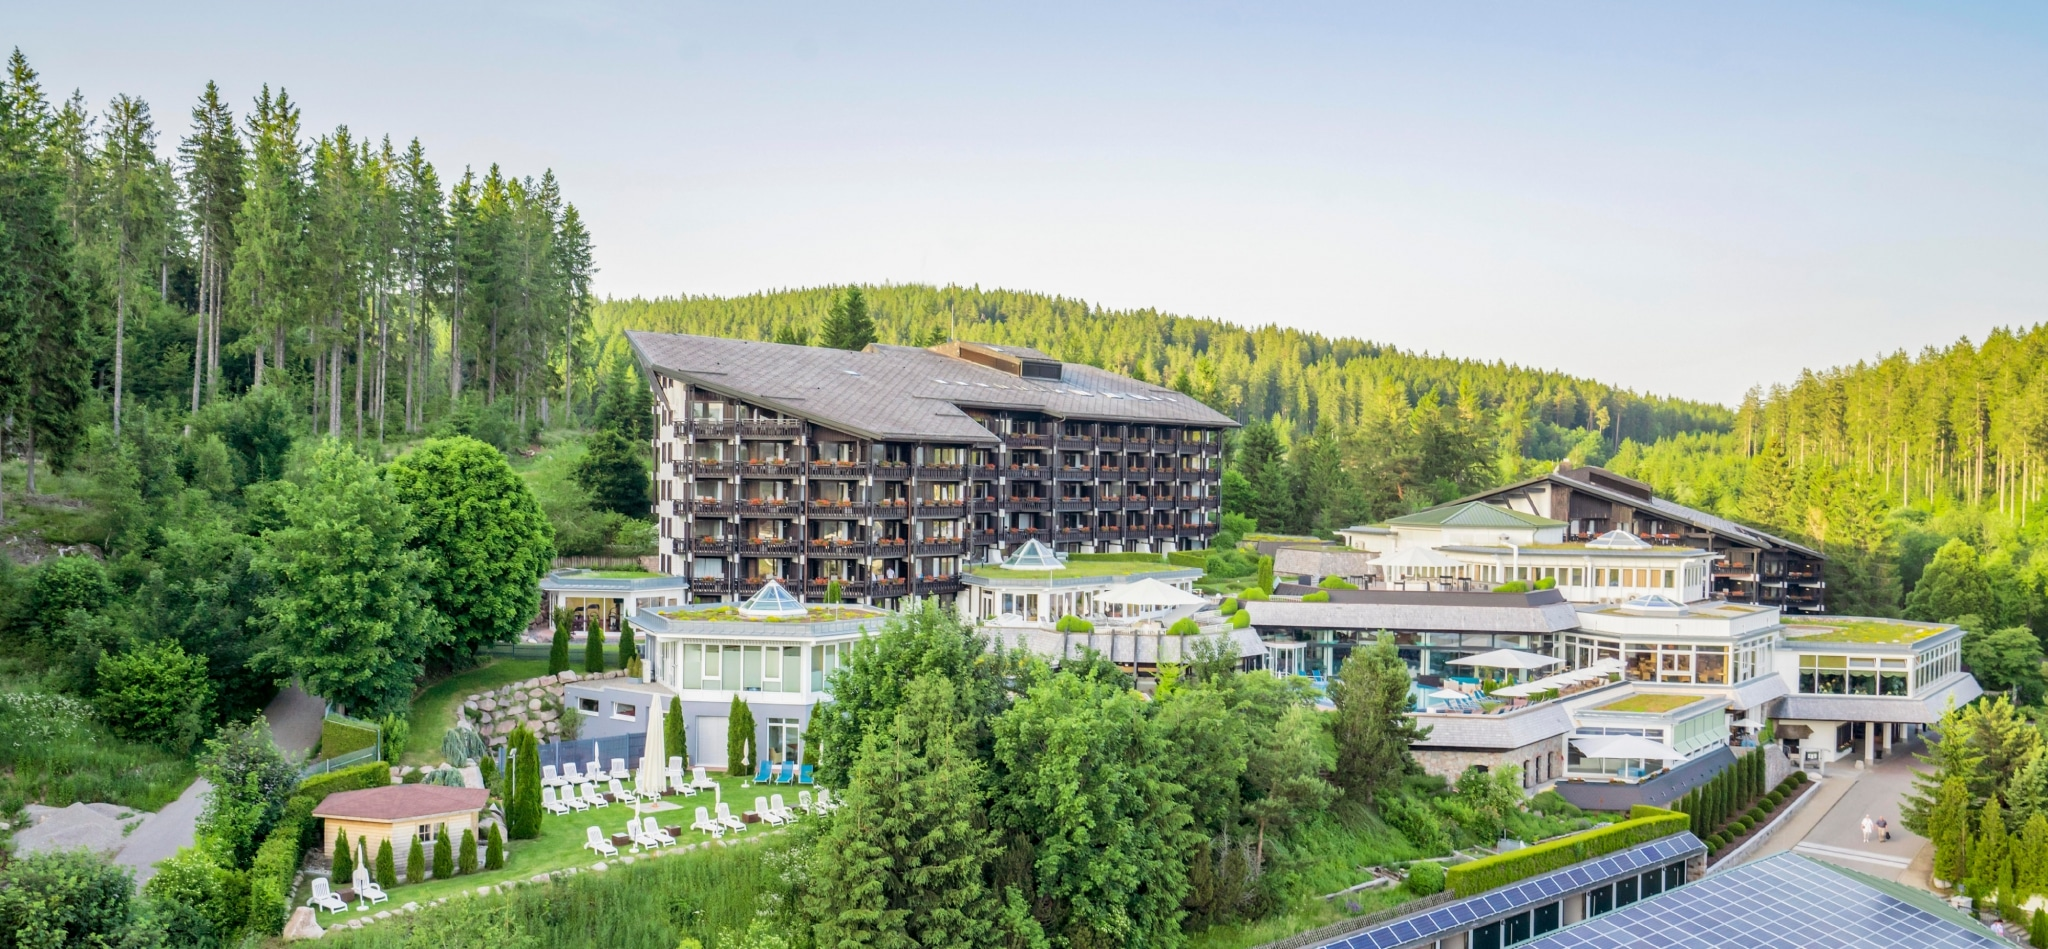 Außenansicht Hotel Vier Jahreszeiten am Schluchsee im Sommer